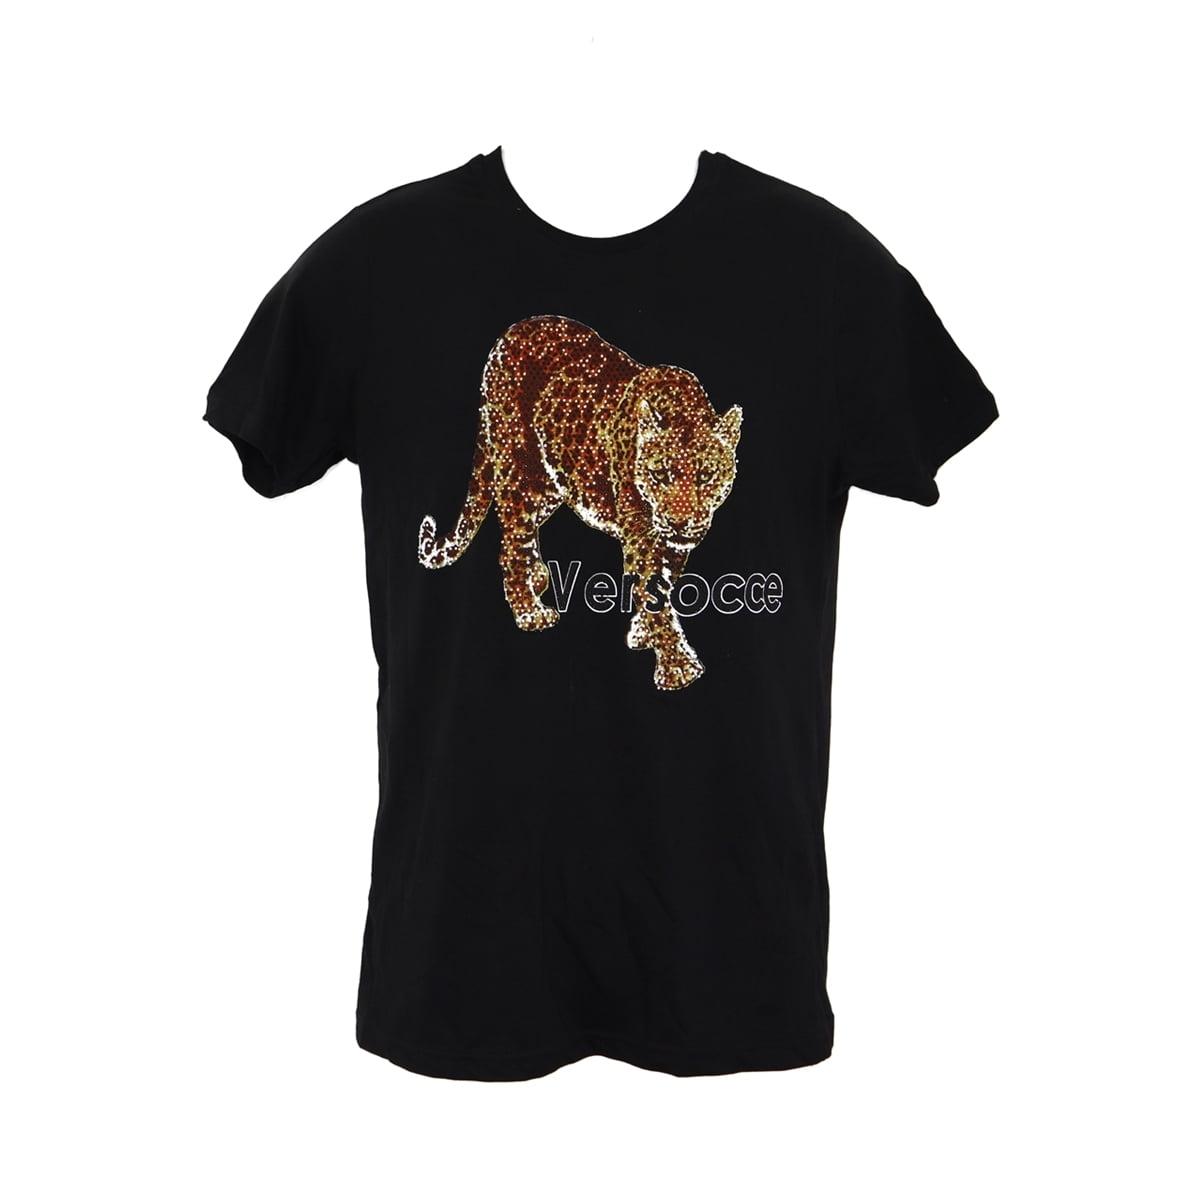 Tricou Versocce, cu strasuri leopard negru